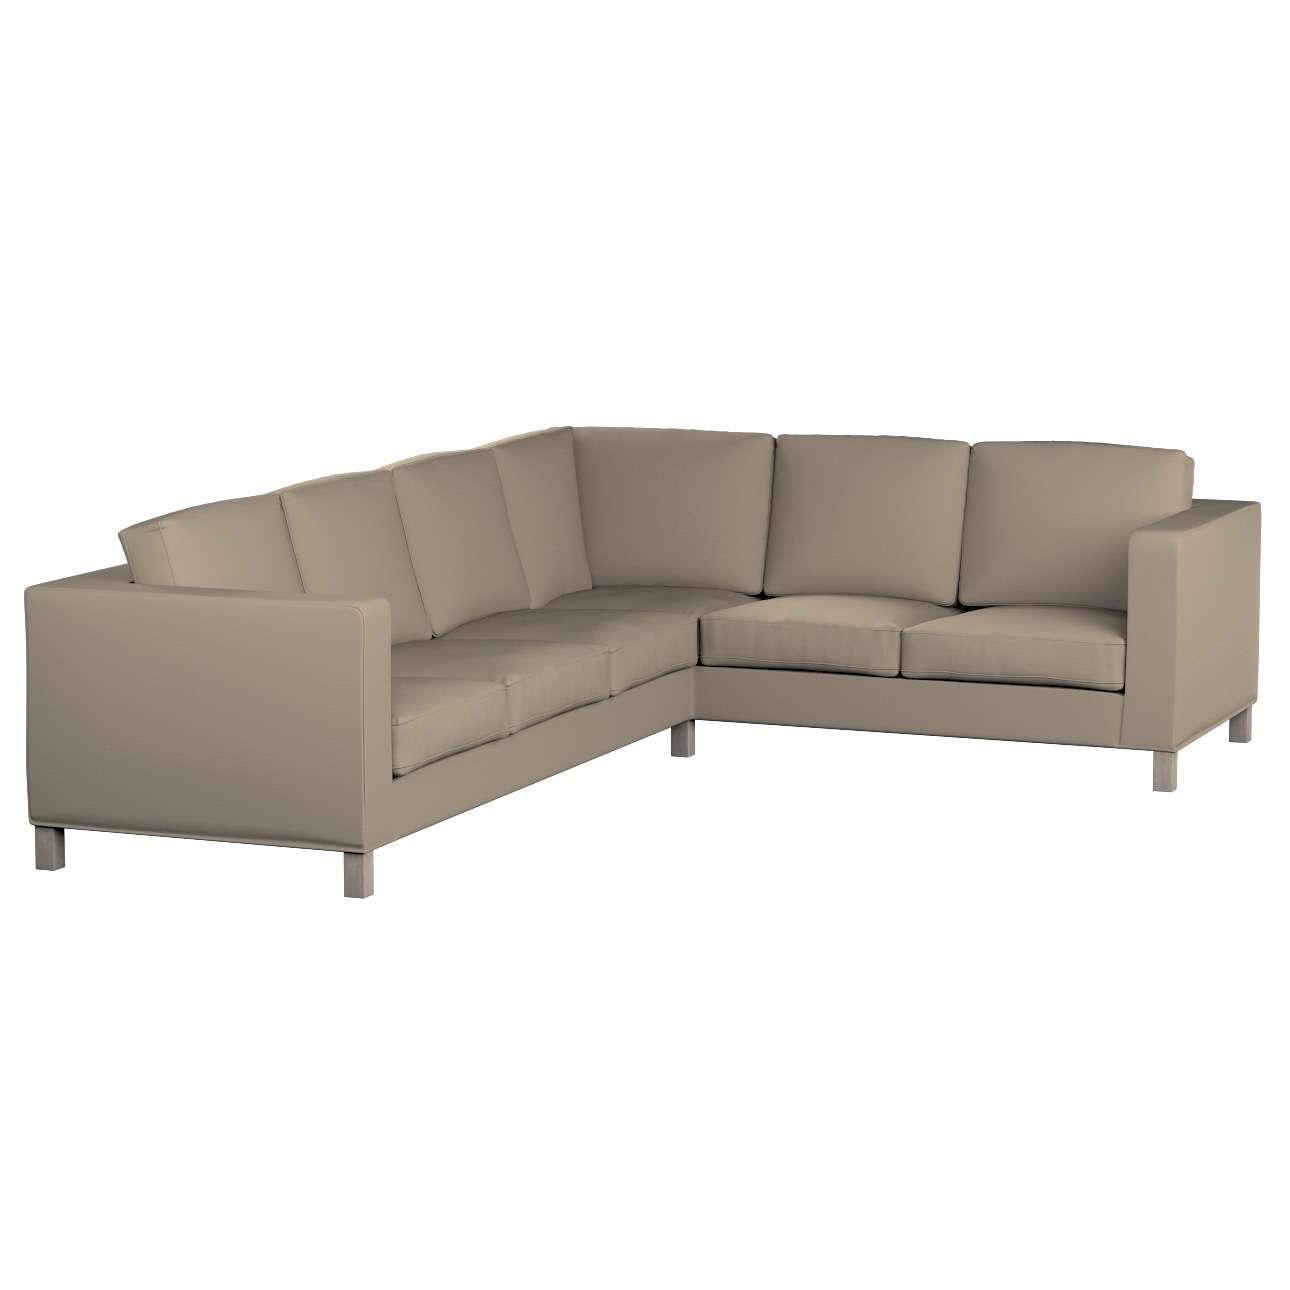 KARLANDA kampinės sofos (kairės) užvalkalas KARLANDA kampinės sofos (kairės) užvalkalas kolekcijoje Cotton Panama, audinys: 702-28